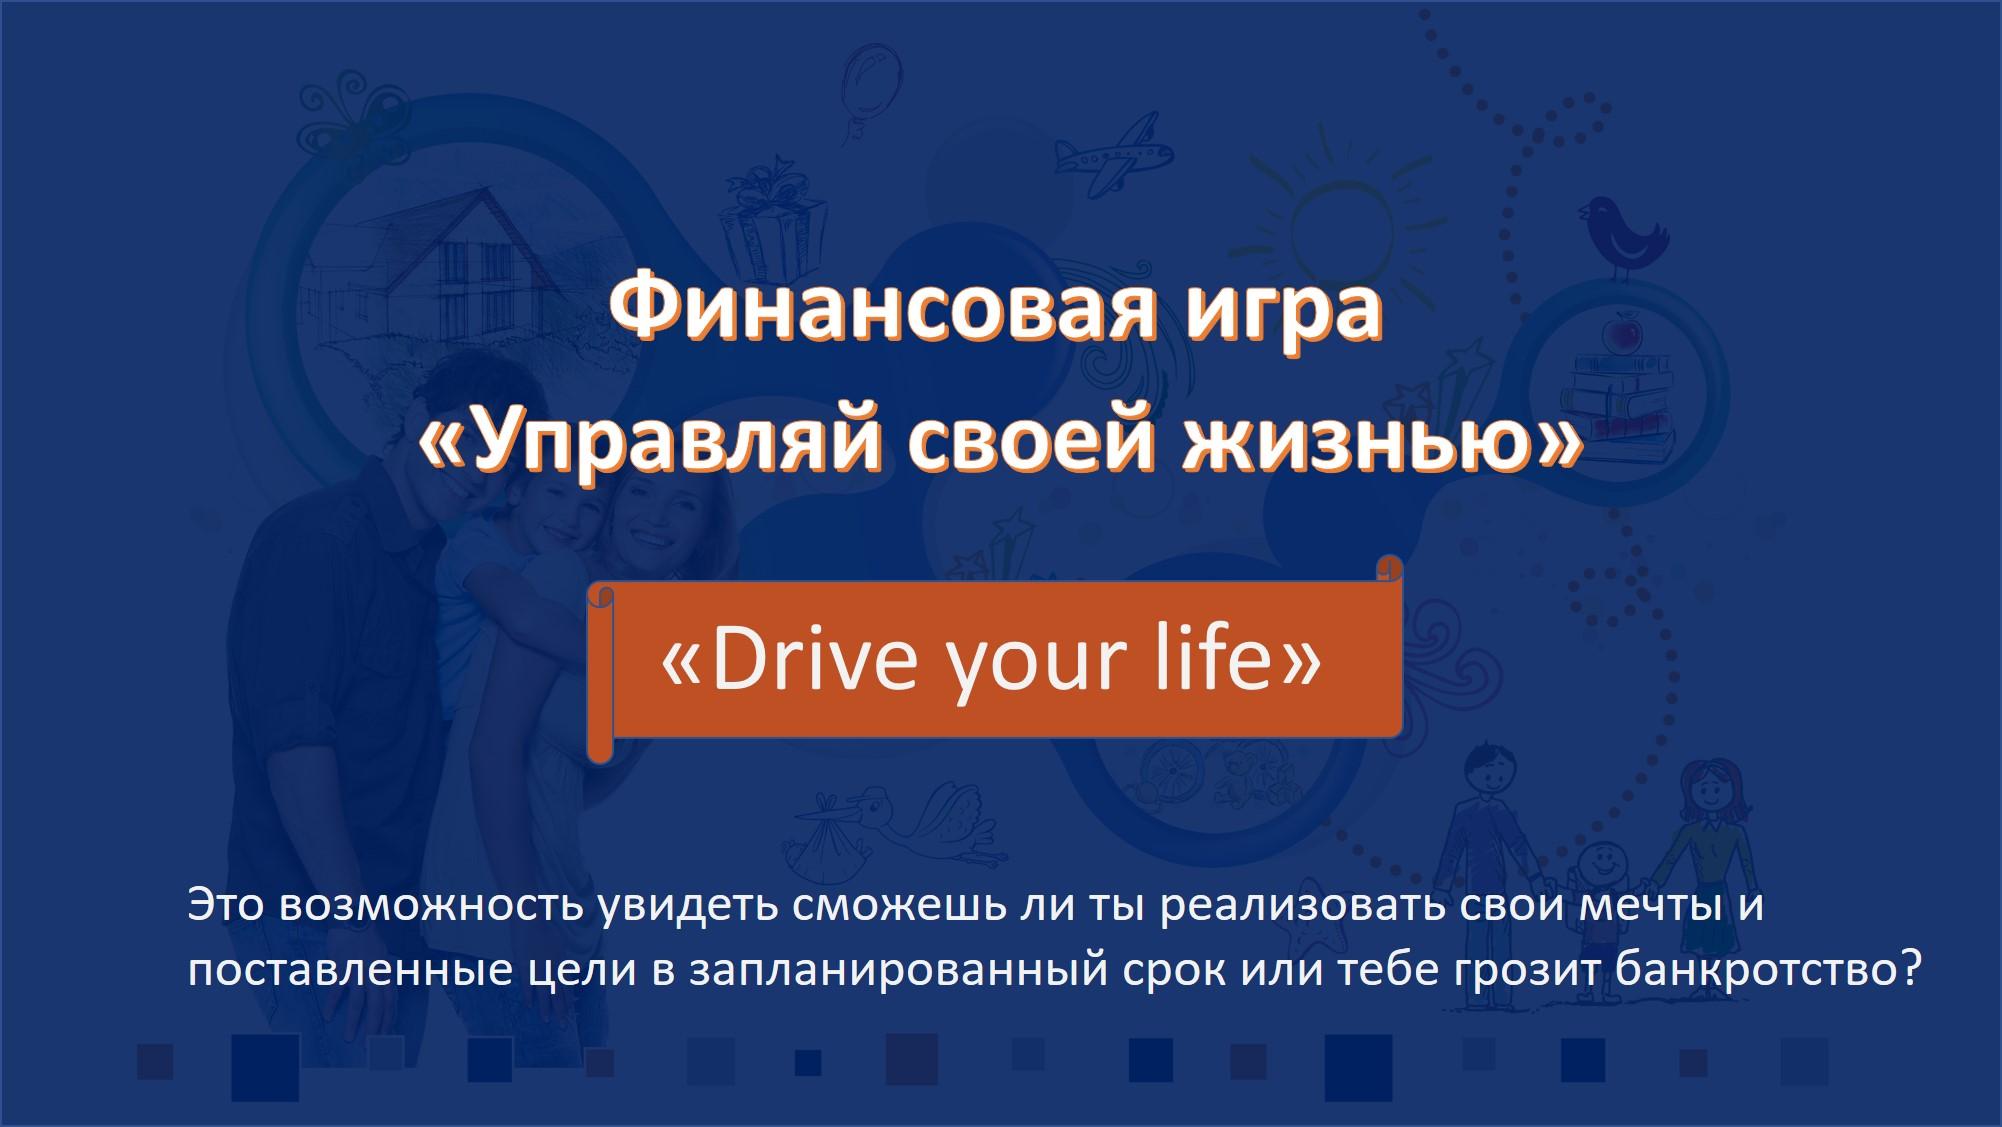 Финансово-познавательная игра  «Drive four life» Управляй своей жизнью